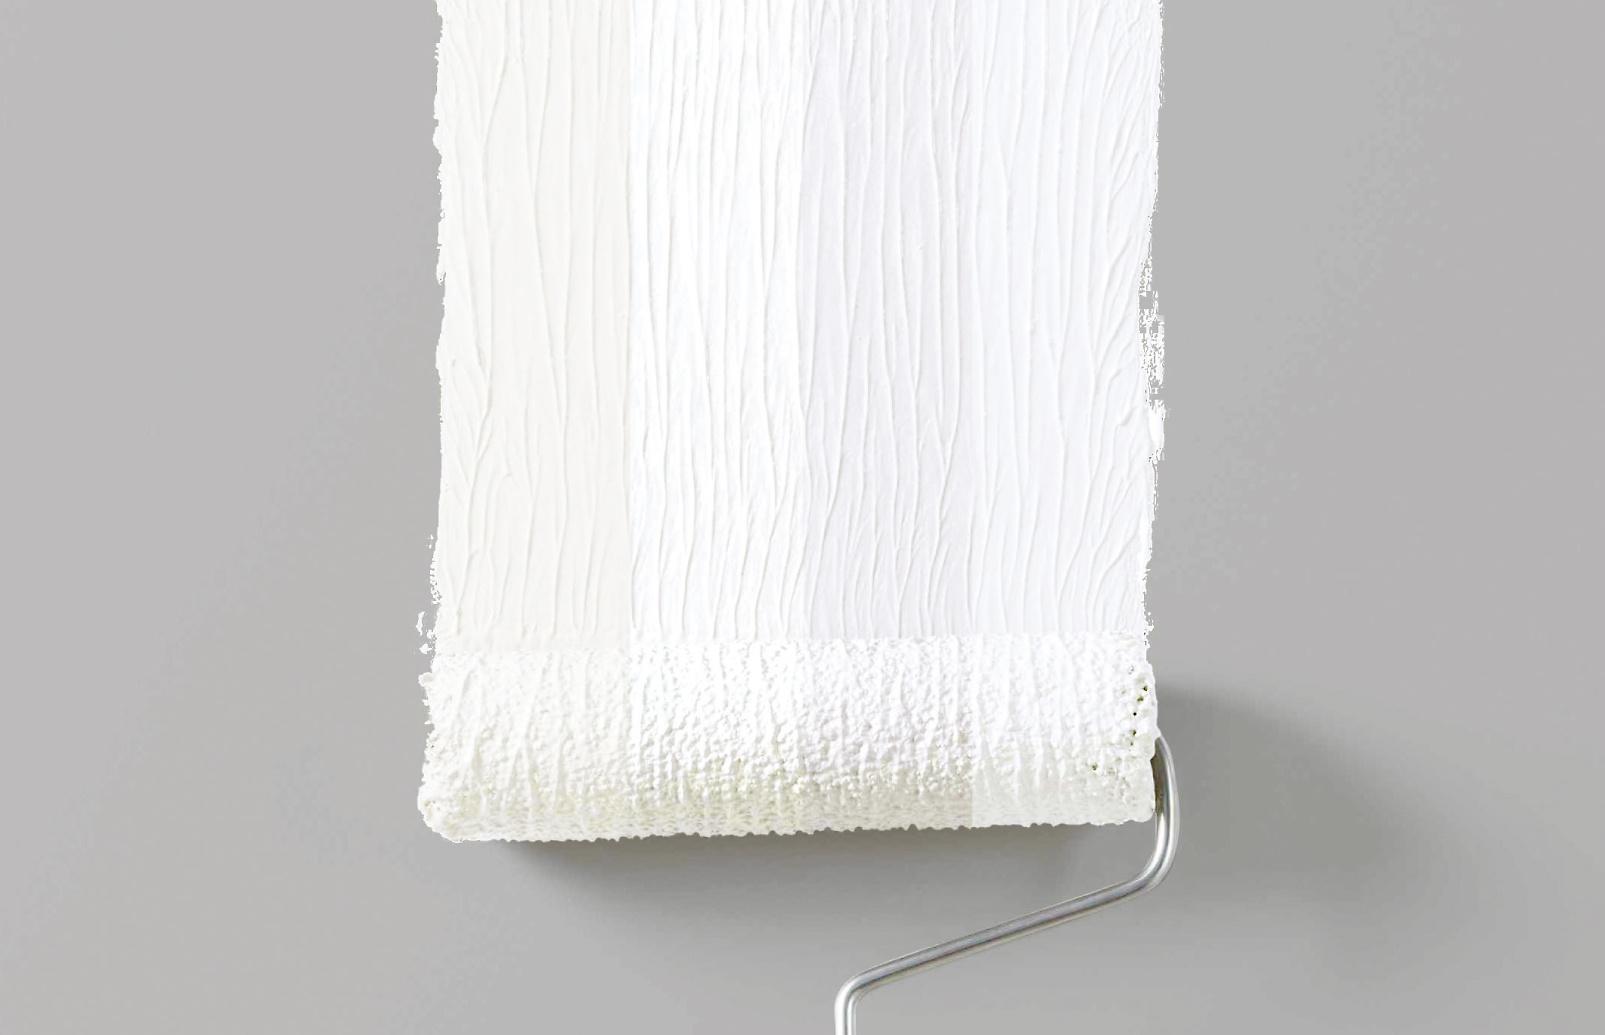 grundierung auftragen anleitung und tipps alpina innen streichen. Black Bedroom Furniture Sets. Home Design Ideas